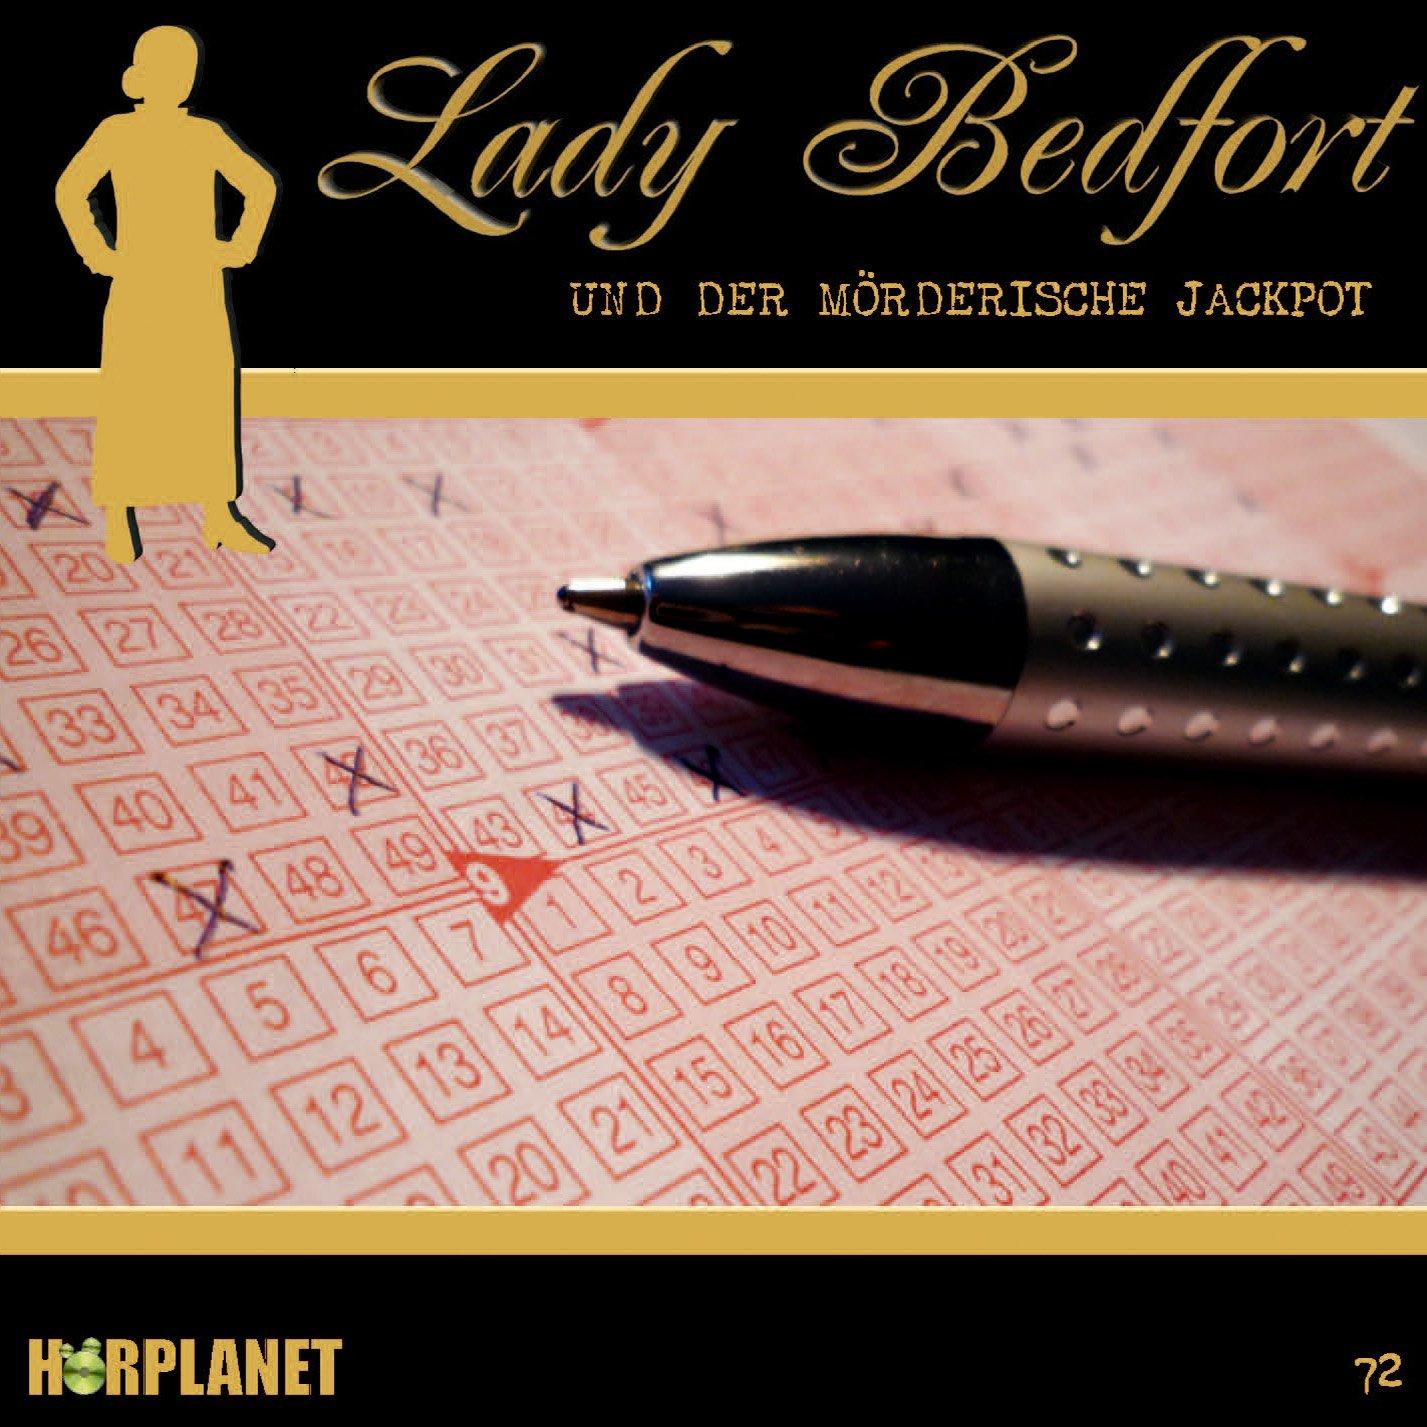 Lady Bedfort (72) Der mörderische Jackpot (Hörplanet)